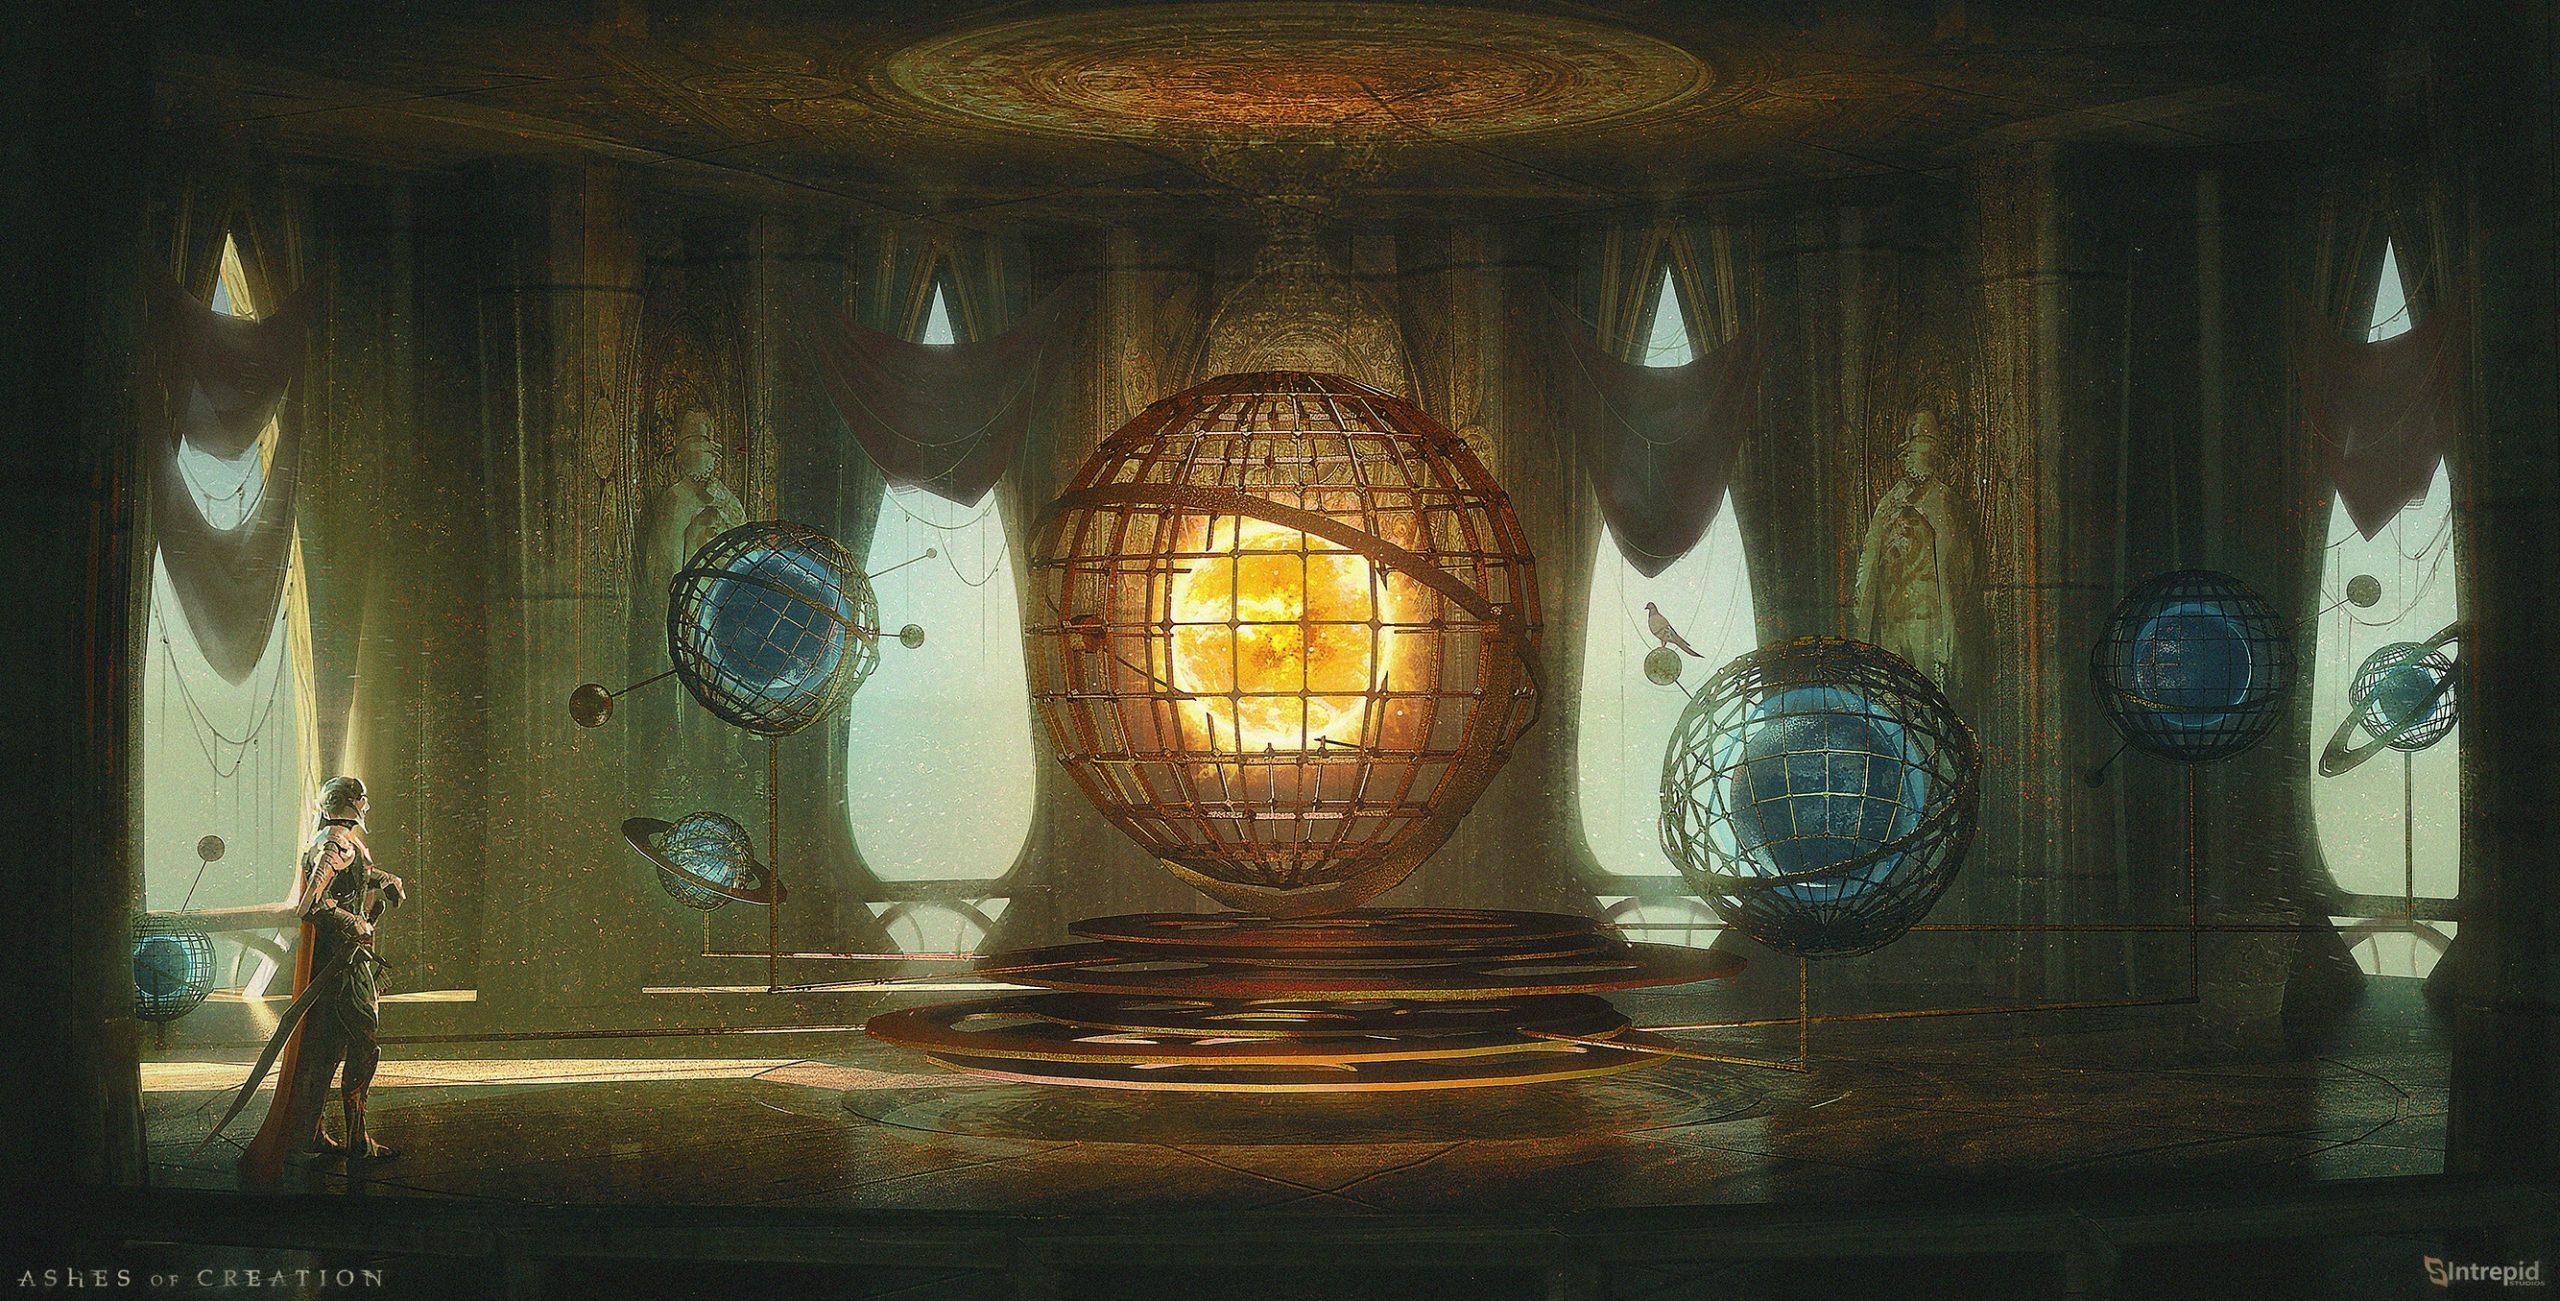 """Los Dioses son seres de La Esencia, que es una energía metafísica o una especie de fuerza vital que puede manipularse para crear lo que podría verse como magia. Los dioses son capaces de llegar al plano material a través de las almas de sus seres divinos. En el caso de Los Siete, estas son las cuatro grandes razas y sus descendientes. Existían estos panteones de dioses que existían en un reino fuera del plano material en el que existe Verra y en realidad eran seres de lo que se llama La esencia. La esencia es esencialmente esta energía o fuerza vital casi metafísica que puede manipularse para crear magia y / o lo que consideraríamos mágico; y los diferentes planos tienen diferentes grados de fuerza cuando se trata de su proximidad a la esencia. El plano material no es el más alto en esa escala de estar cerca de la esencia; y los dioses existen en un plano que está más conectado con la esencia. - Steven Sharif Los Dioses en las Cenizas de la Creación representan diferentes aspectos del Universo y también sentimientos. Diosa del amor. Diosa de la creación. El Fénix es el avatar celestial de la Diosa de la Creación. Diosa del destino (Norlan). Dios de la esperanza (Resna). Dios de la verdad (Shol). La esfera de influencia de los tres """" Otros """" dioses aún no ha sido revelada. Cada dios ... tiene un reino específico con el que se relacionan en el mundo y su creación. - Steven Sharif Tenemos una tradición muy rica sobre el panteón de los dioses, pero es algo que quiero asegurarme de que los jugadores lo descubran en el juego, no de lo que se cuente. - Steven Sharif"""